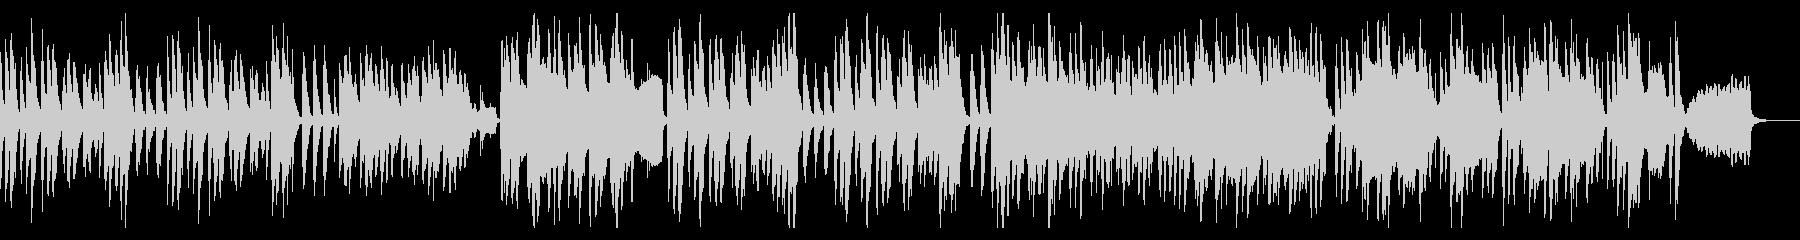 和やかであたたかな、ほのぼのとした日常曲の未再生の波形